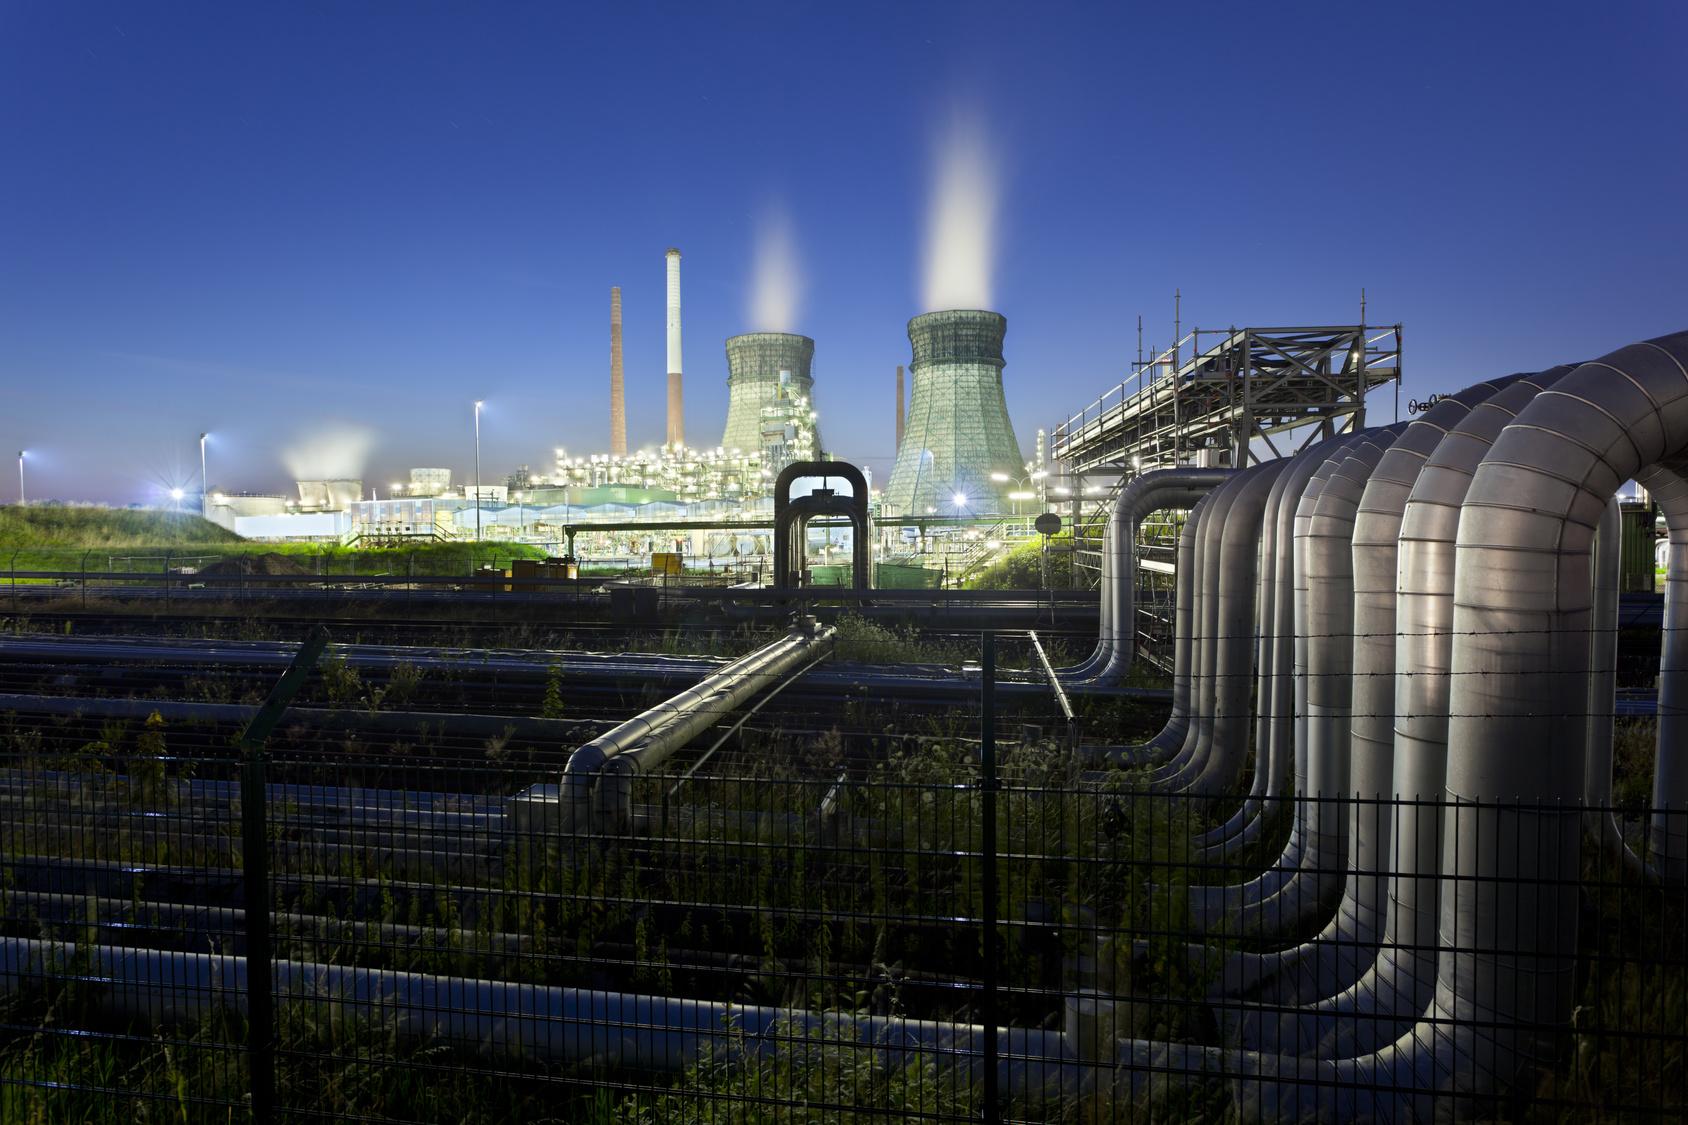 Nach Kerosinsee & Betriebsstörungen: Wartungsarbeiten bei Shell Rheinland Raffinerie nun abgeschlossen